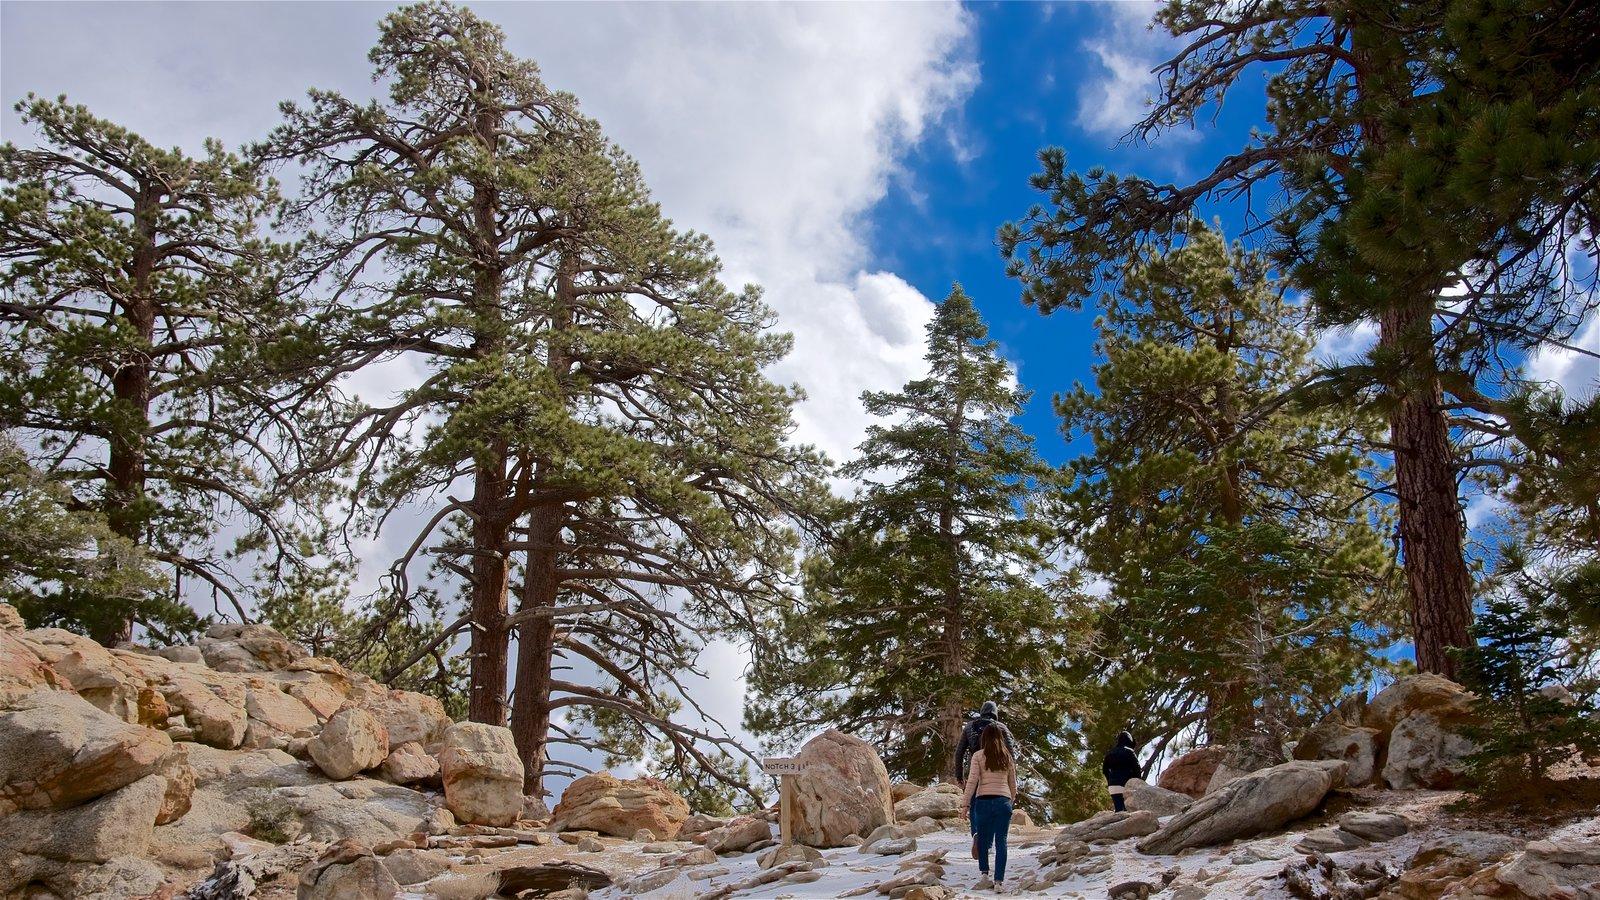 Parque estatal Mount San Jacinto mostrando escenas tranquilas y senderismo o caminata y también una pareja